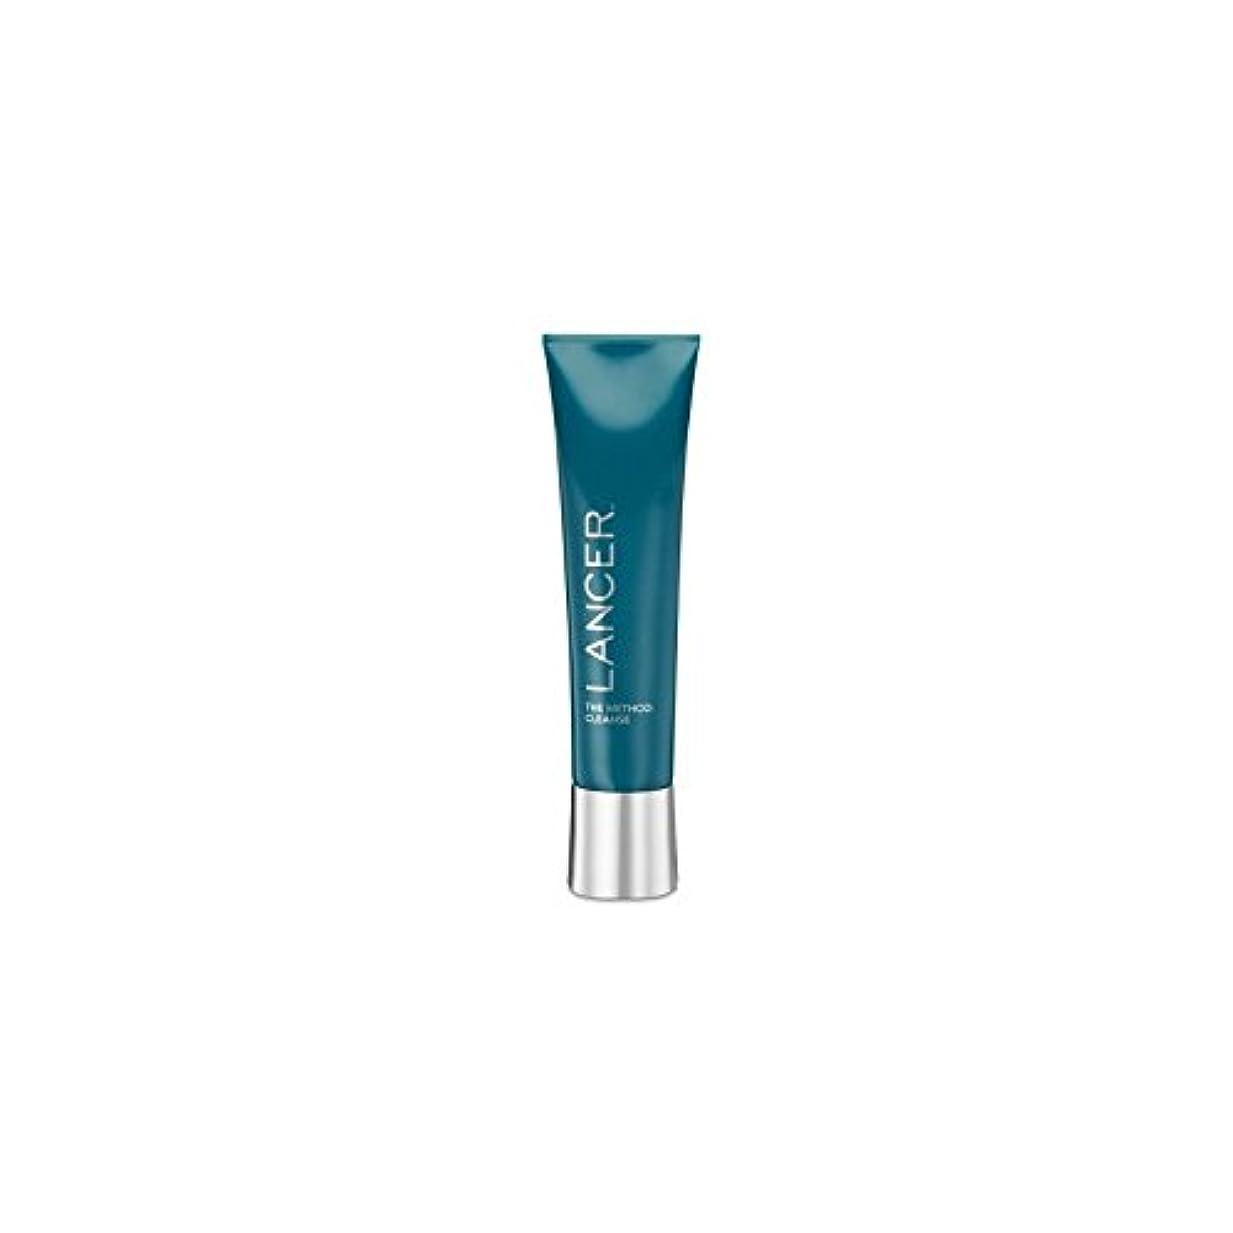 修復不十分な予定Lancer Skincare The Method: Cleanser (120ml) (Pack of 6) - クレンザー(120ミリリットル):ランサーは、メソッドをスキンケア x6 [並行輸入品]